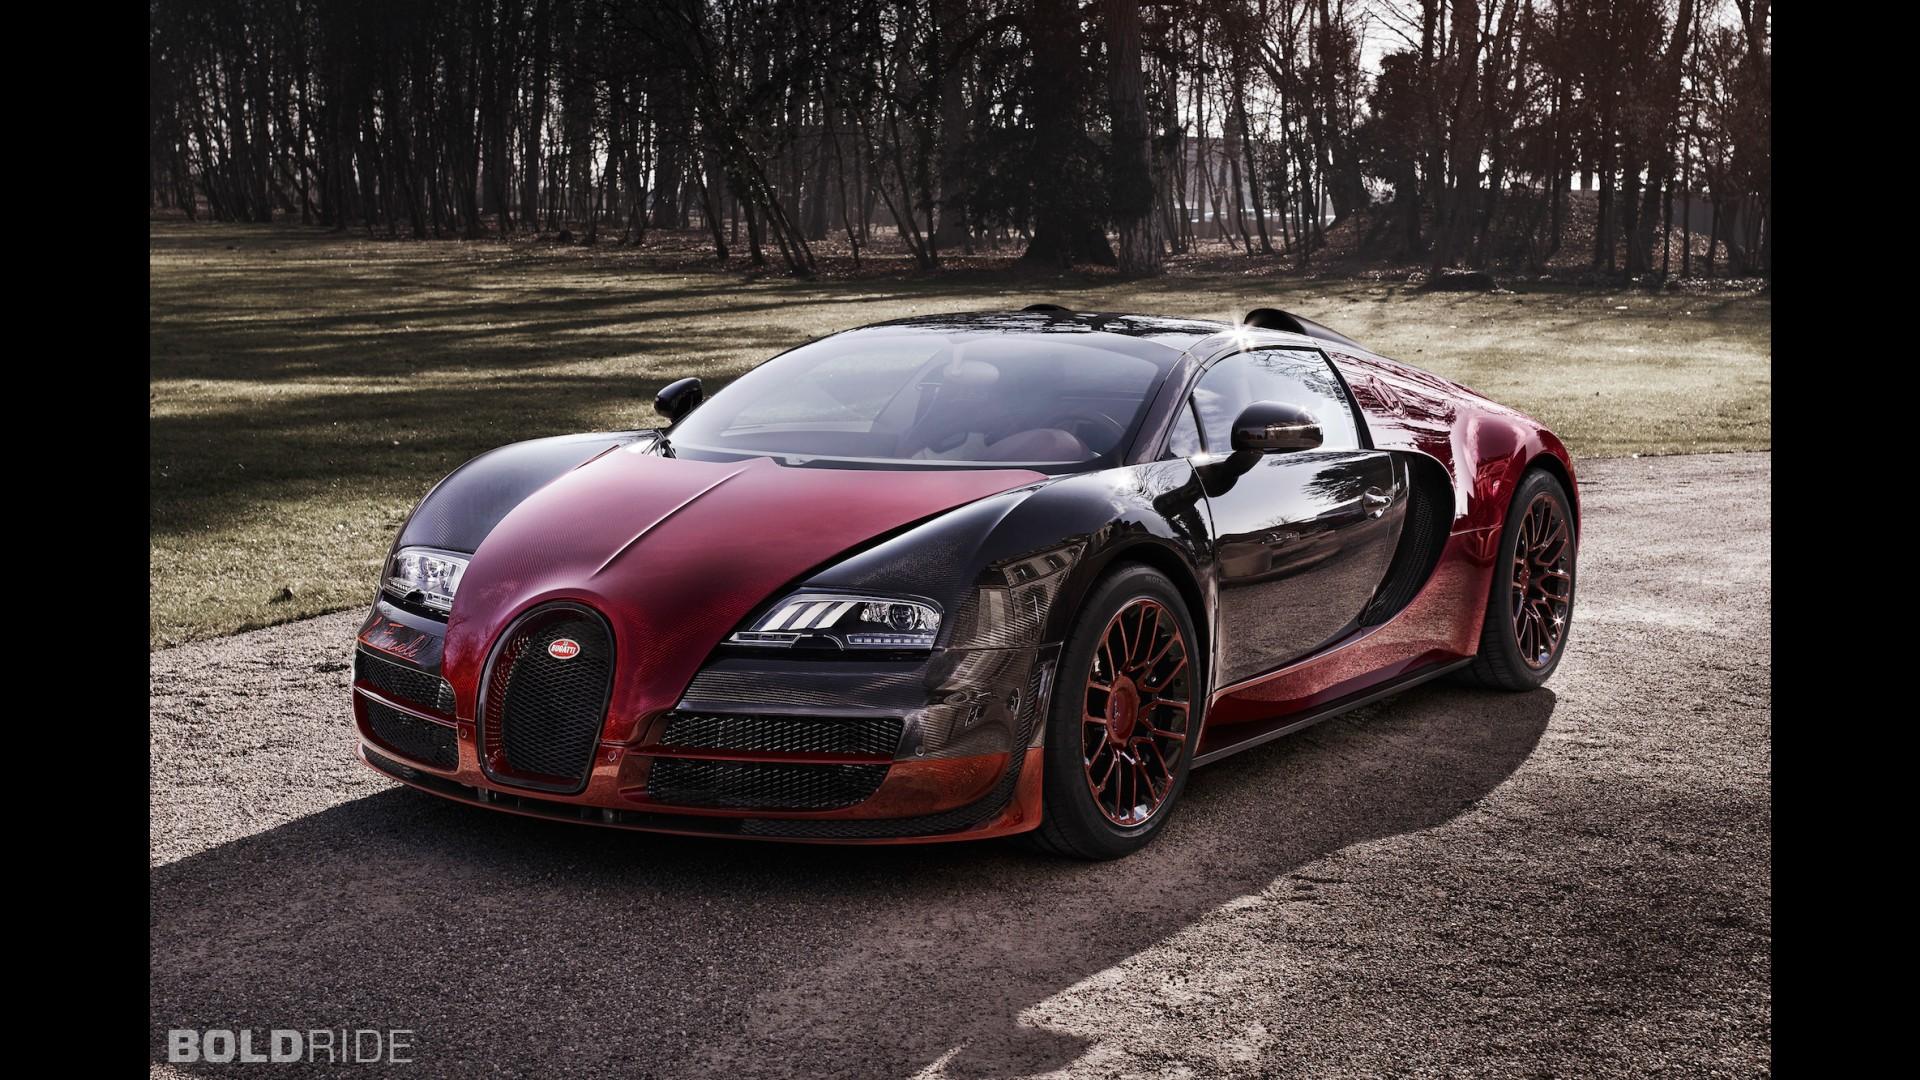 bugatti-veyron-grand-sport-vitesse-la-finale Fascinating Bugatti Veyron Grand Sport Vitesse Convertible Cars Trend